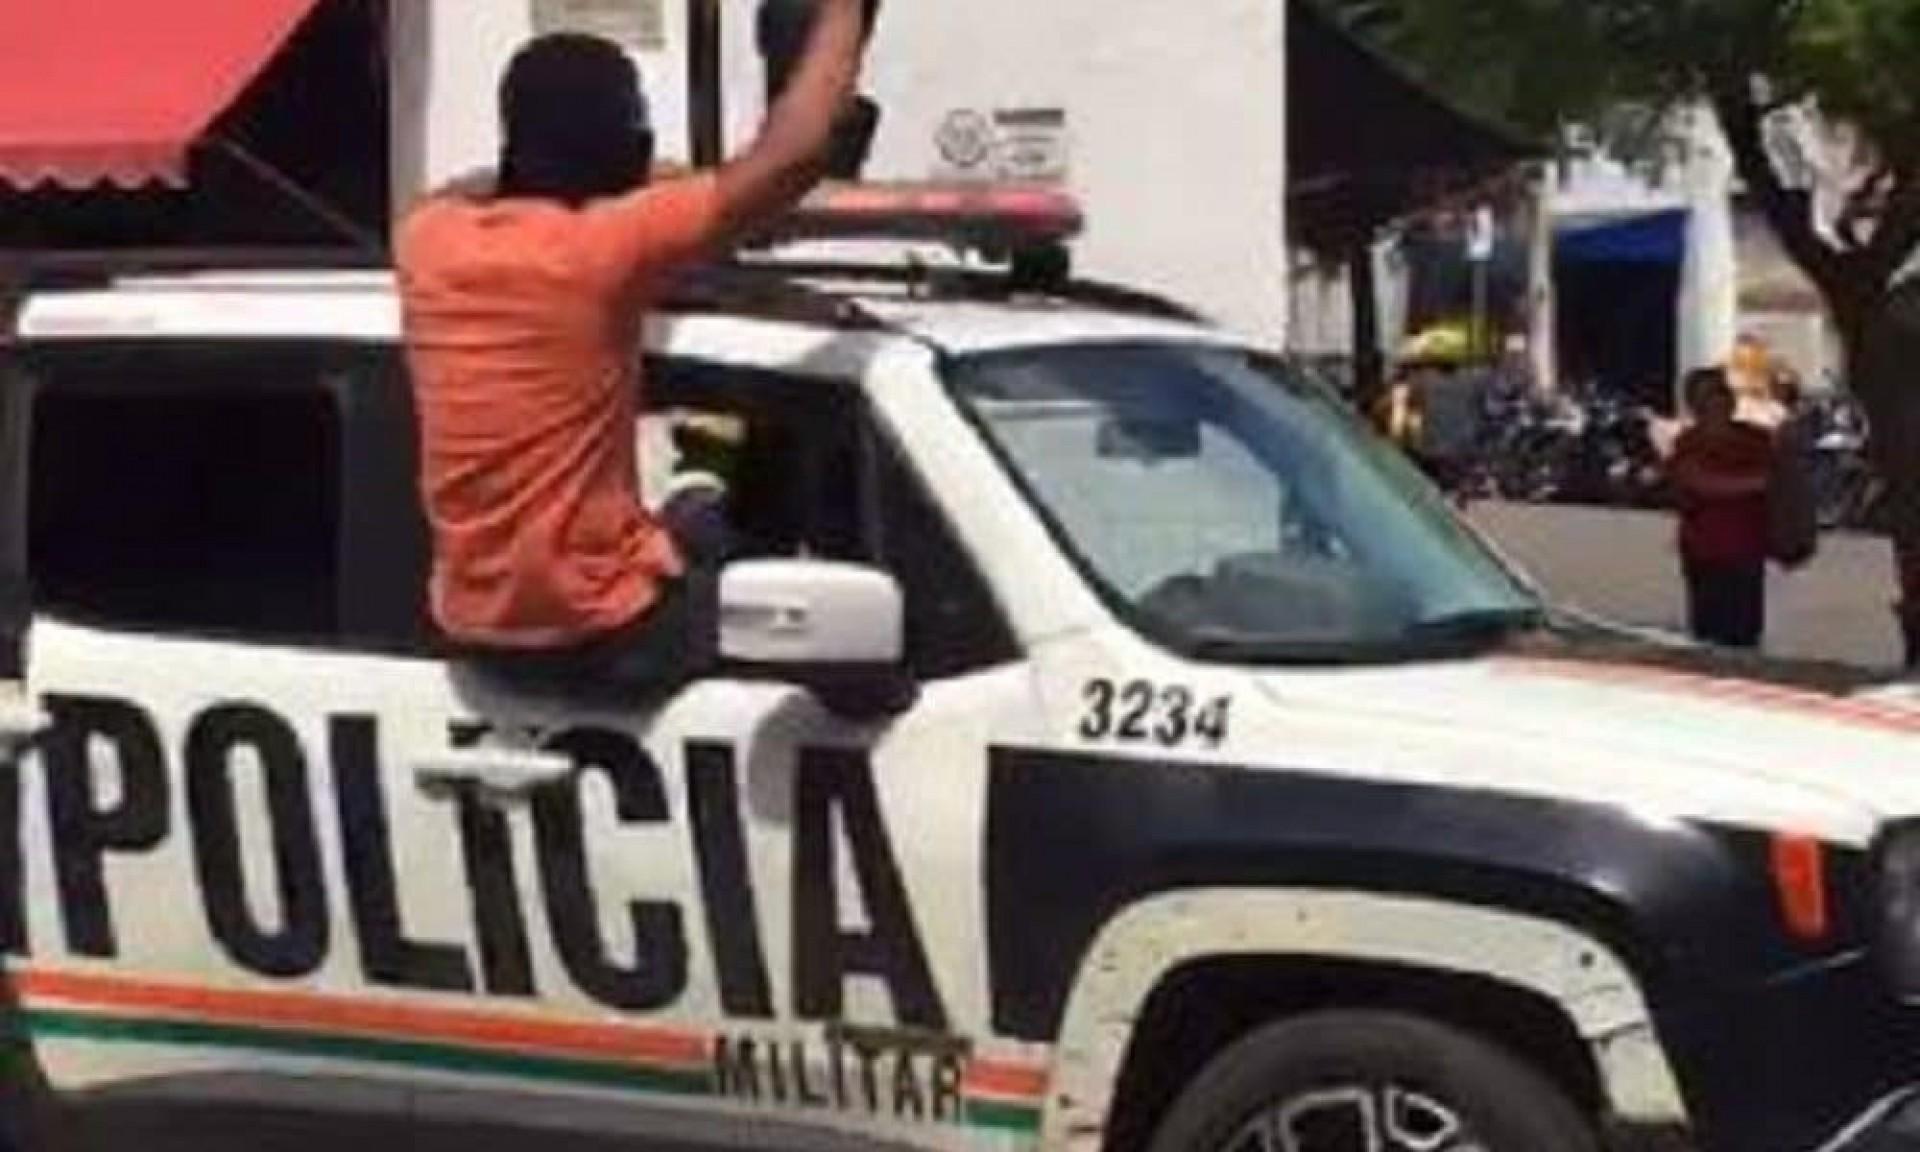 Policiais militares amotinados em Sobral ordenaram comerciantes a fechar a portas, em prática semelhante a de milícias e facções criminosas (Foto: REPRODUÇÃO DE VÍDEO)